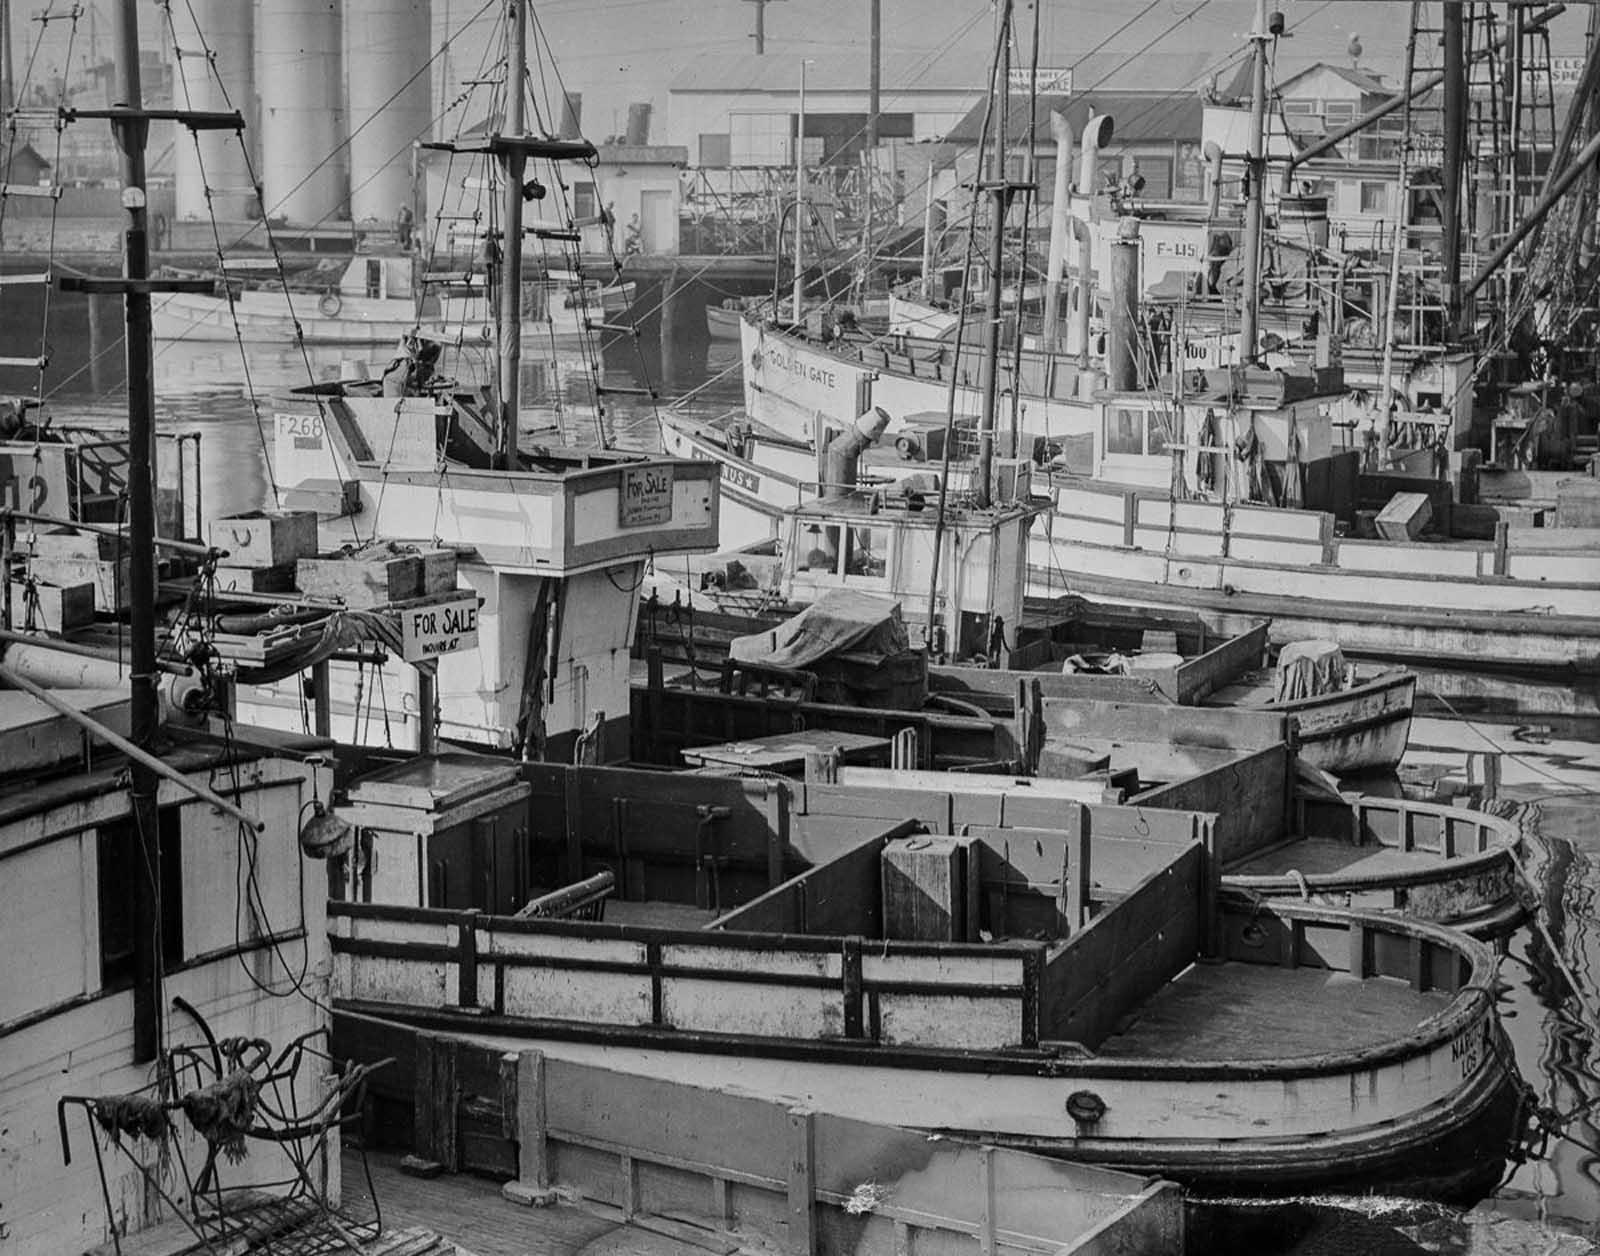 En el puerto de Los Ángeles, los barcos de pesca de propiedad japonesa-estadounidenses permanecen inactivos.